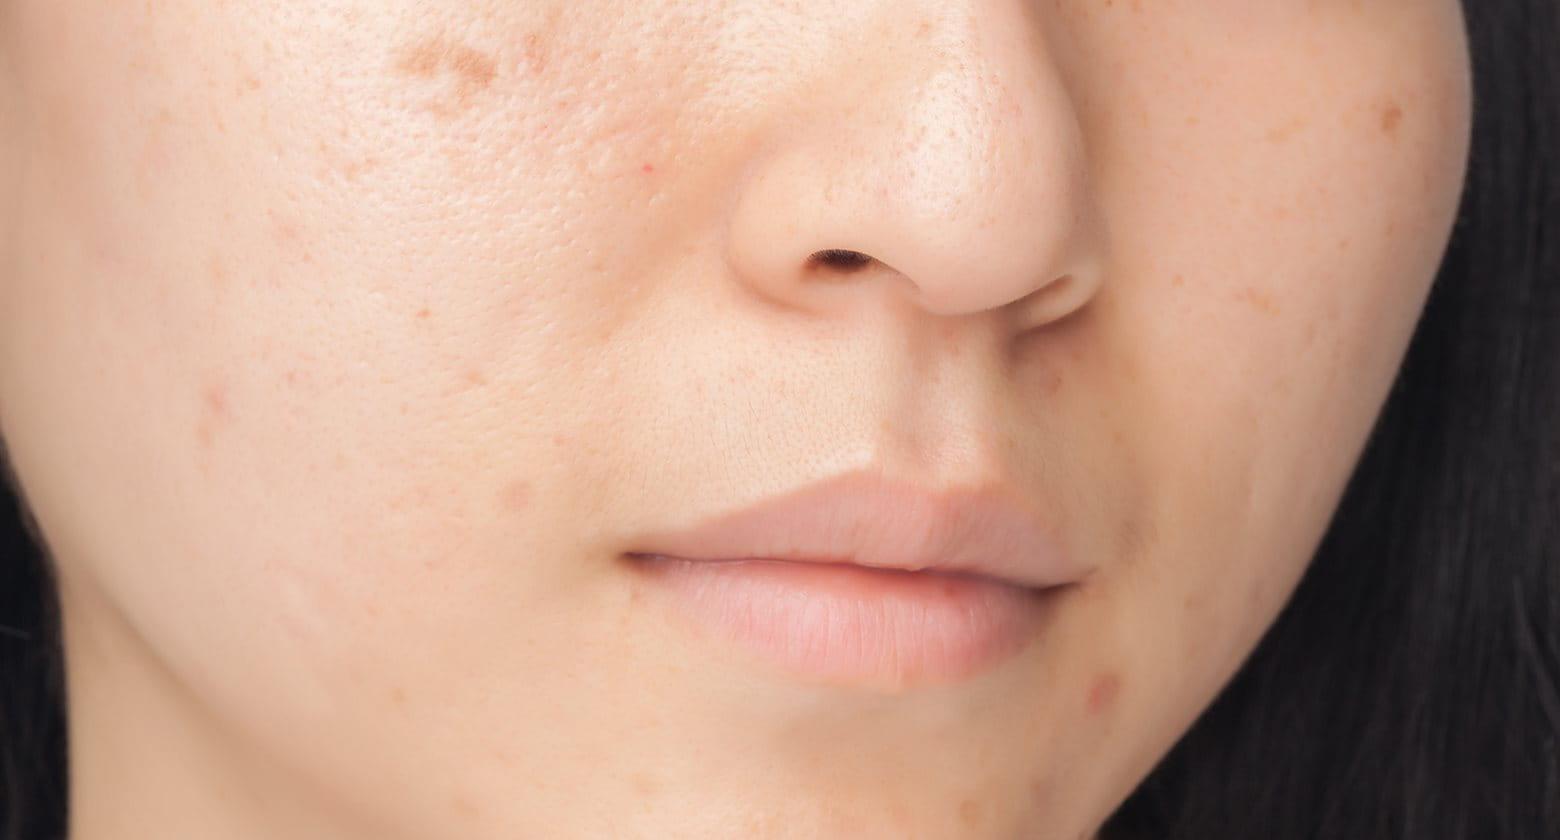 mi segíthet az arc vörös foltjain)